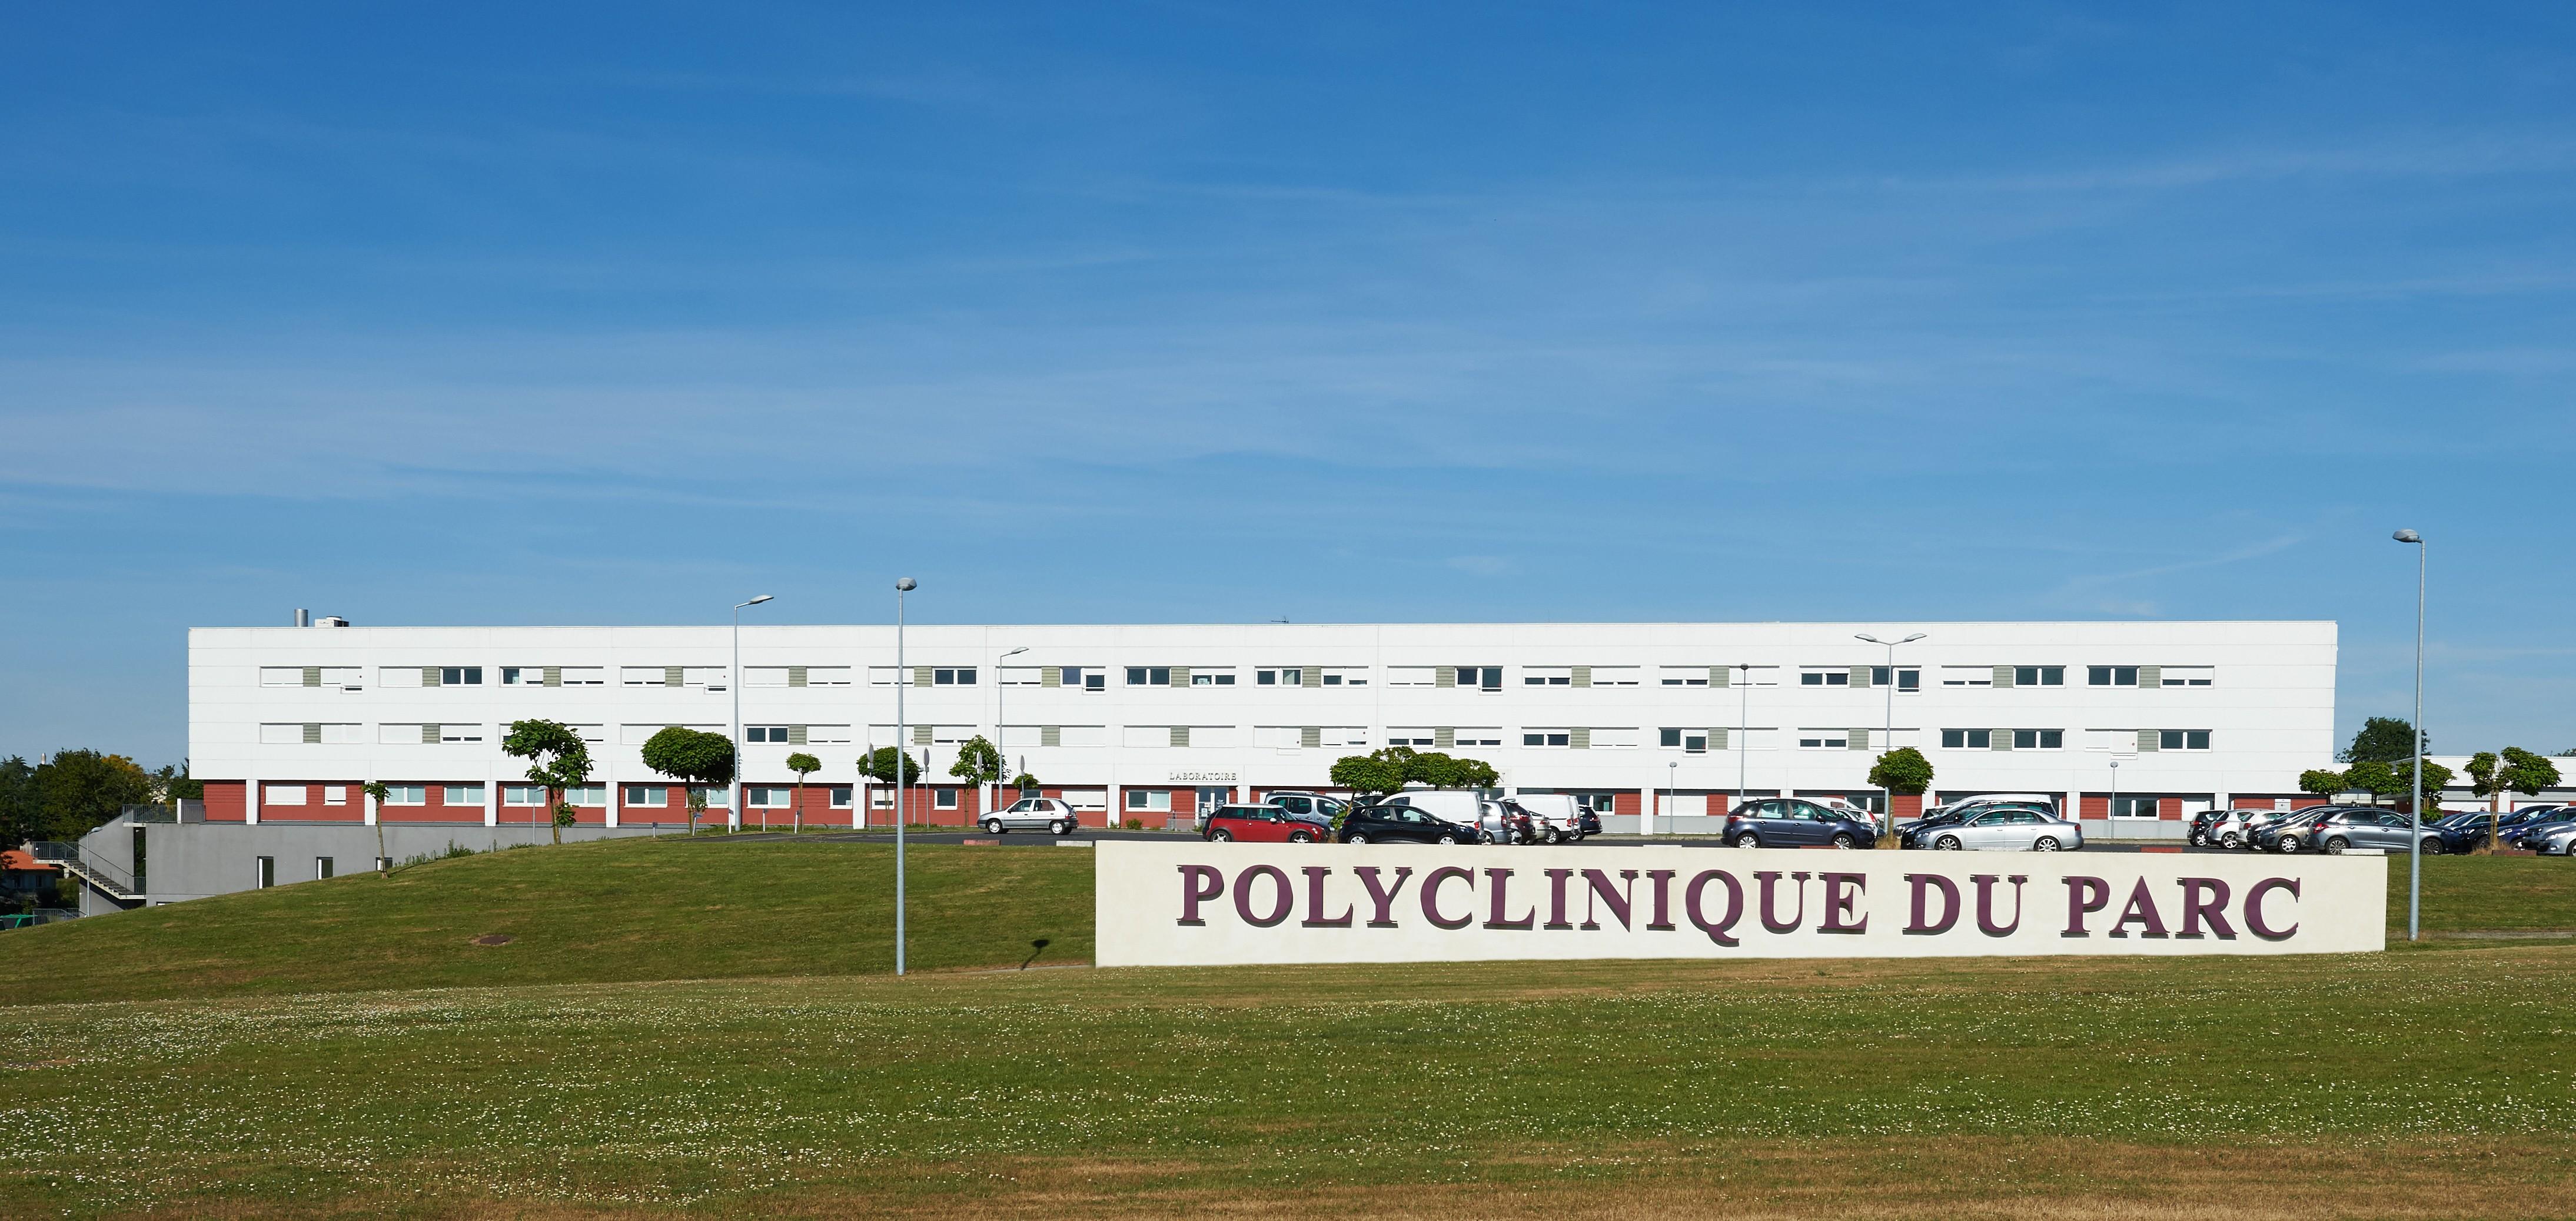 Polyclinique du parc (Groupe Vivalto Santé)   LinkedIn